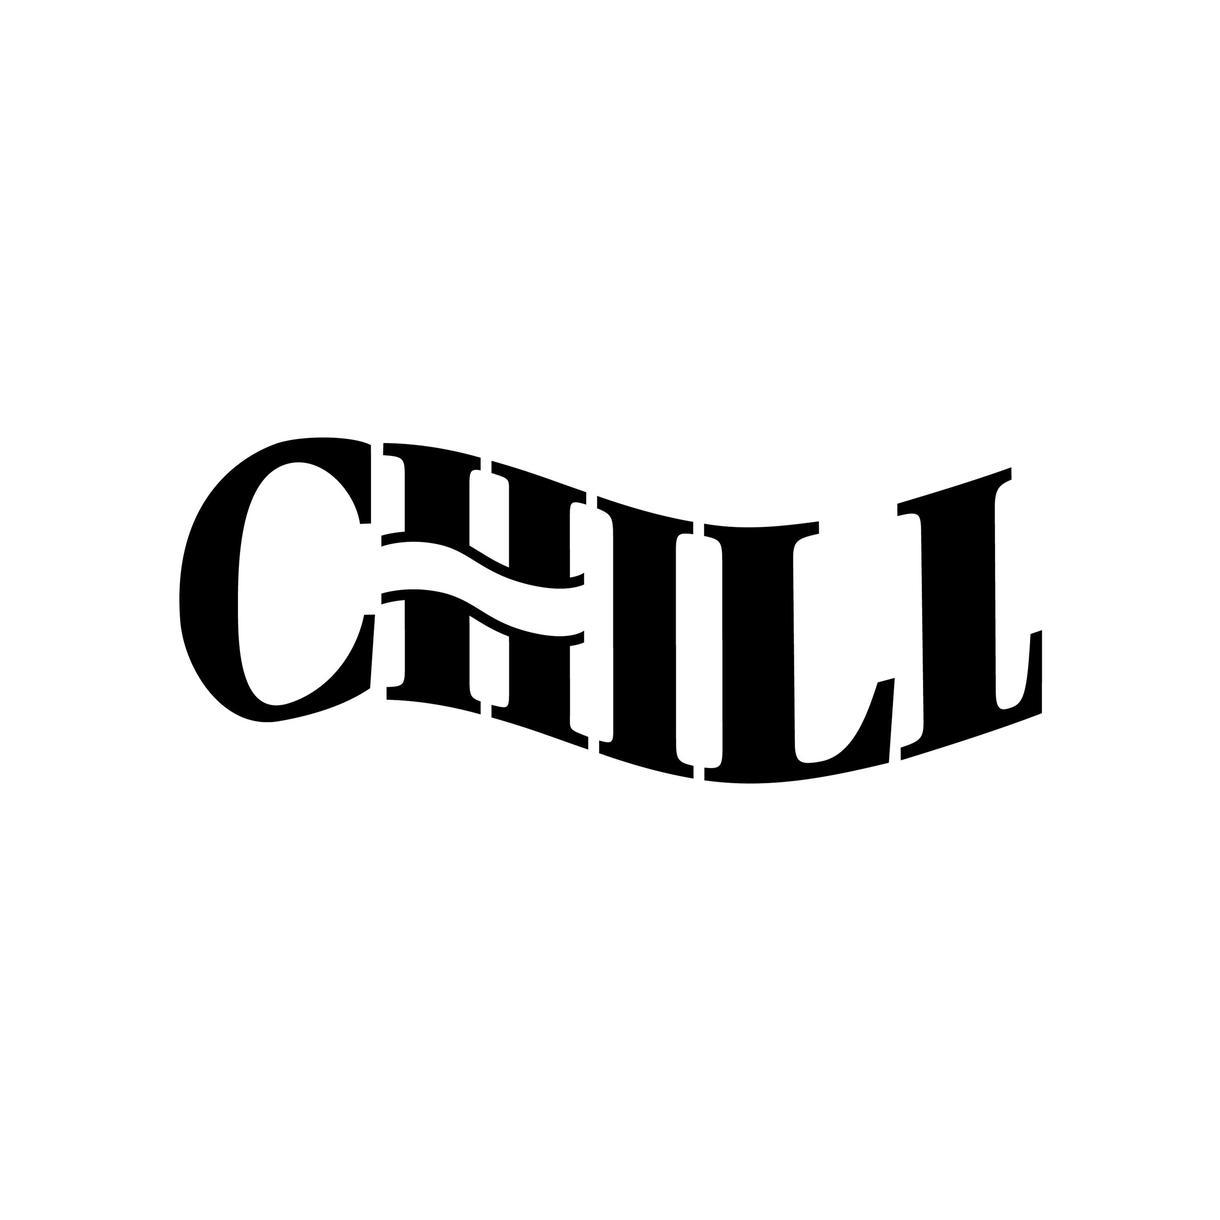 オリジナルロゴ/タイポグラフィ制作します 現役デザイナーがお手ごろ価格で承ります